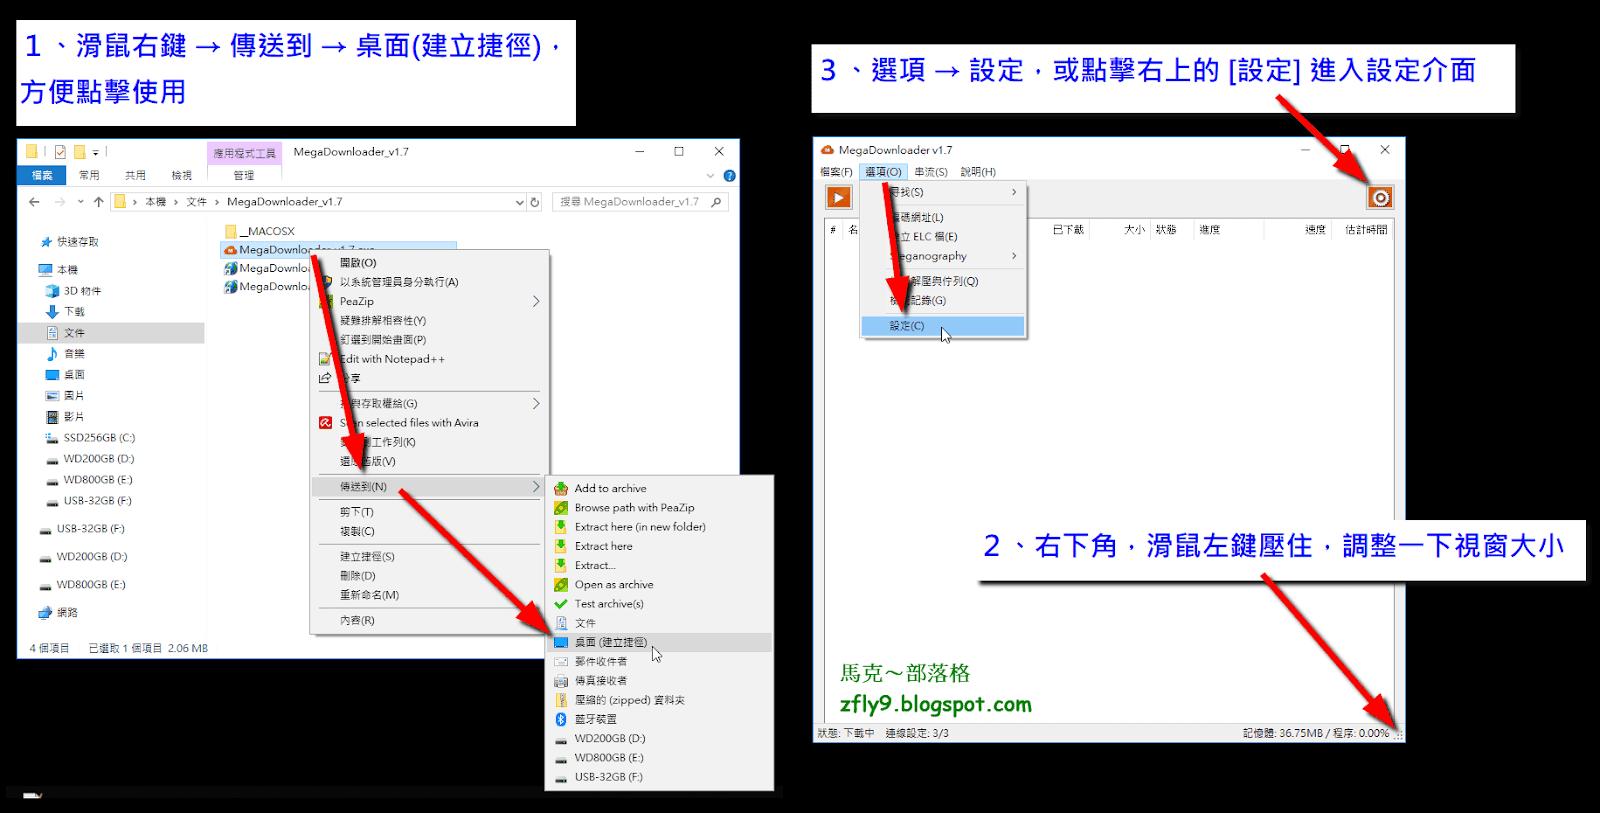 Megadownloader mac os x - trodgendyfuntrodgendyfun